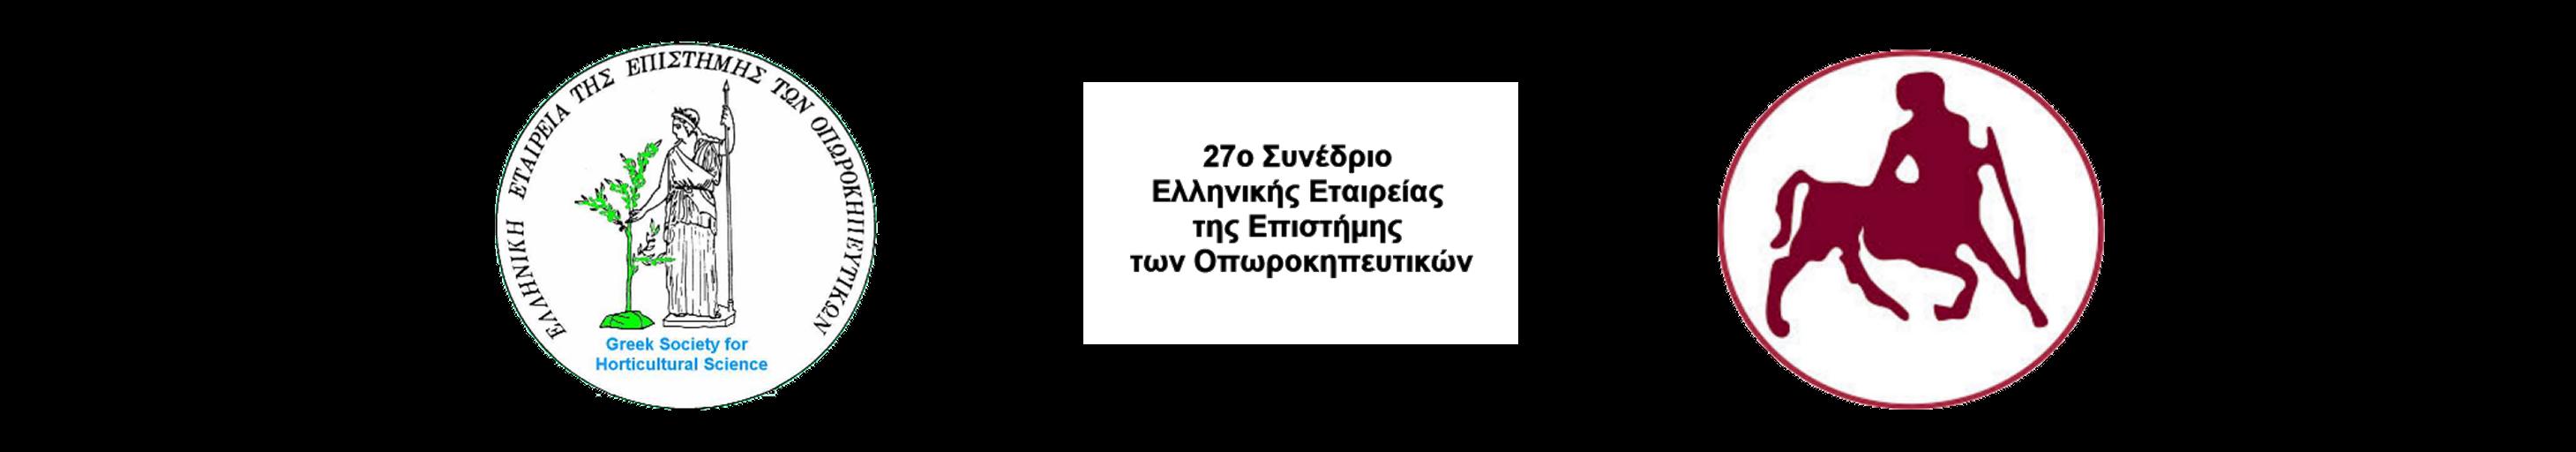 27ο Συνεδριο Ελληνικης Εταιρειας της Επιστημης των Οπωροκηπευτικων